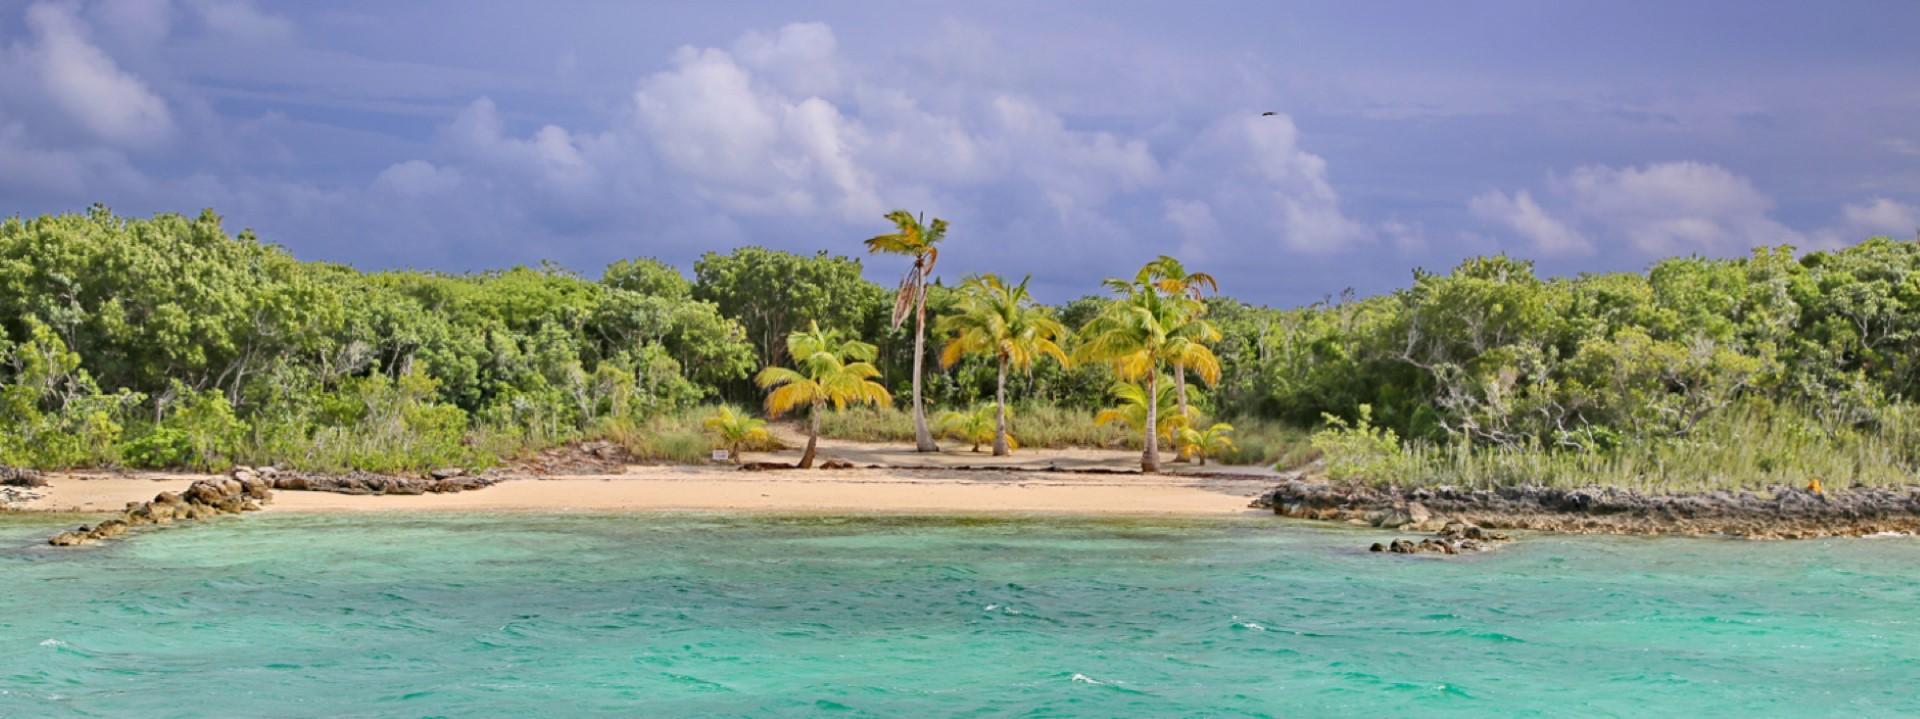 Donnavventura: tra le meraviglie delle Bahamas